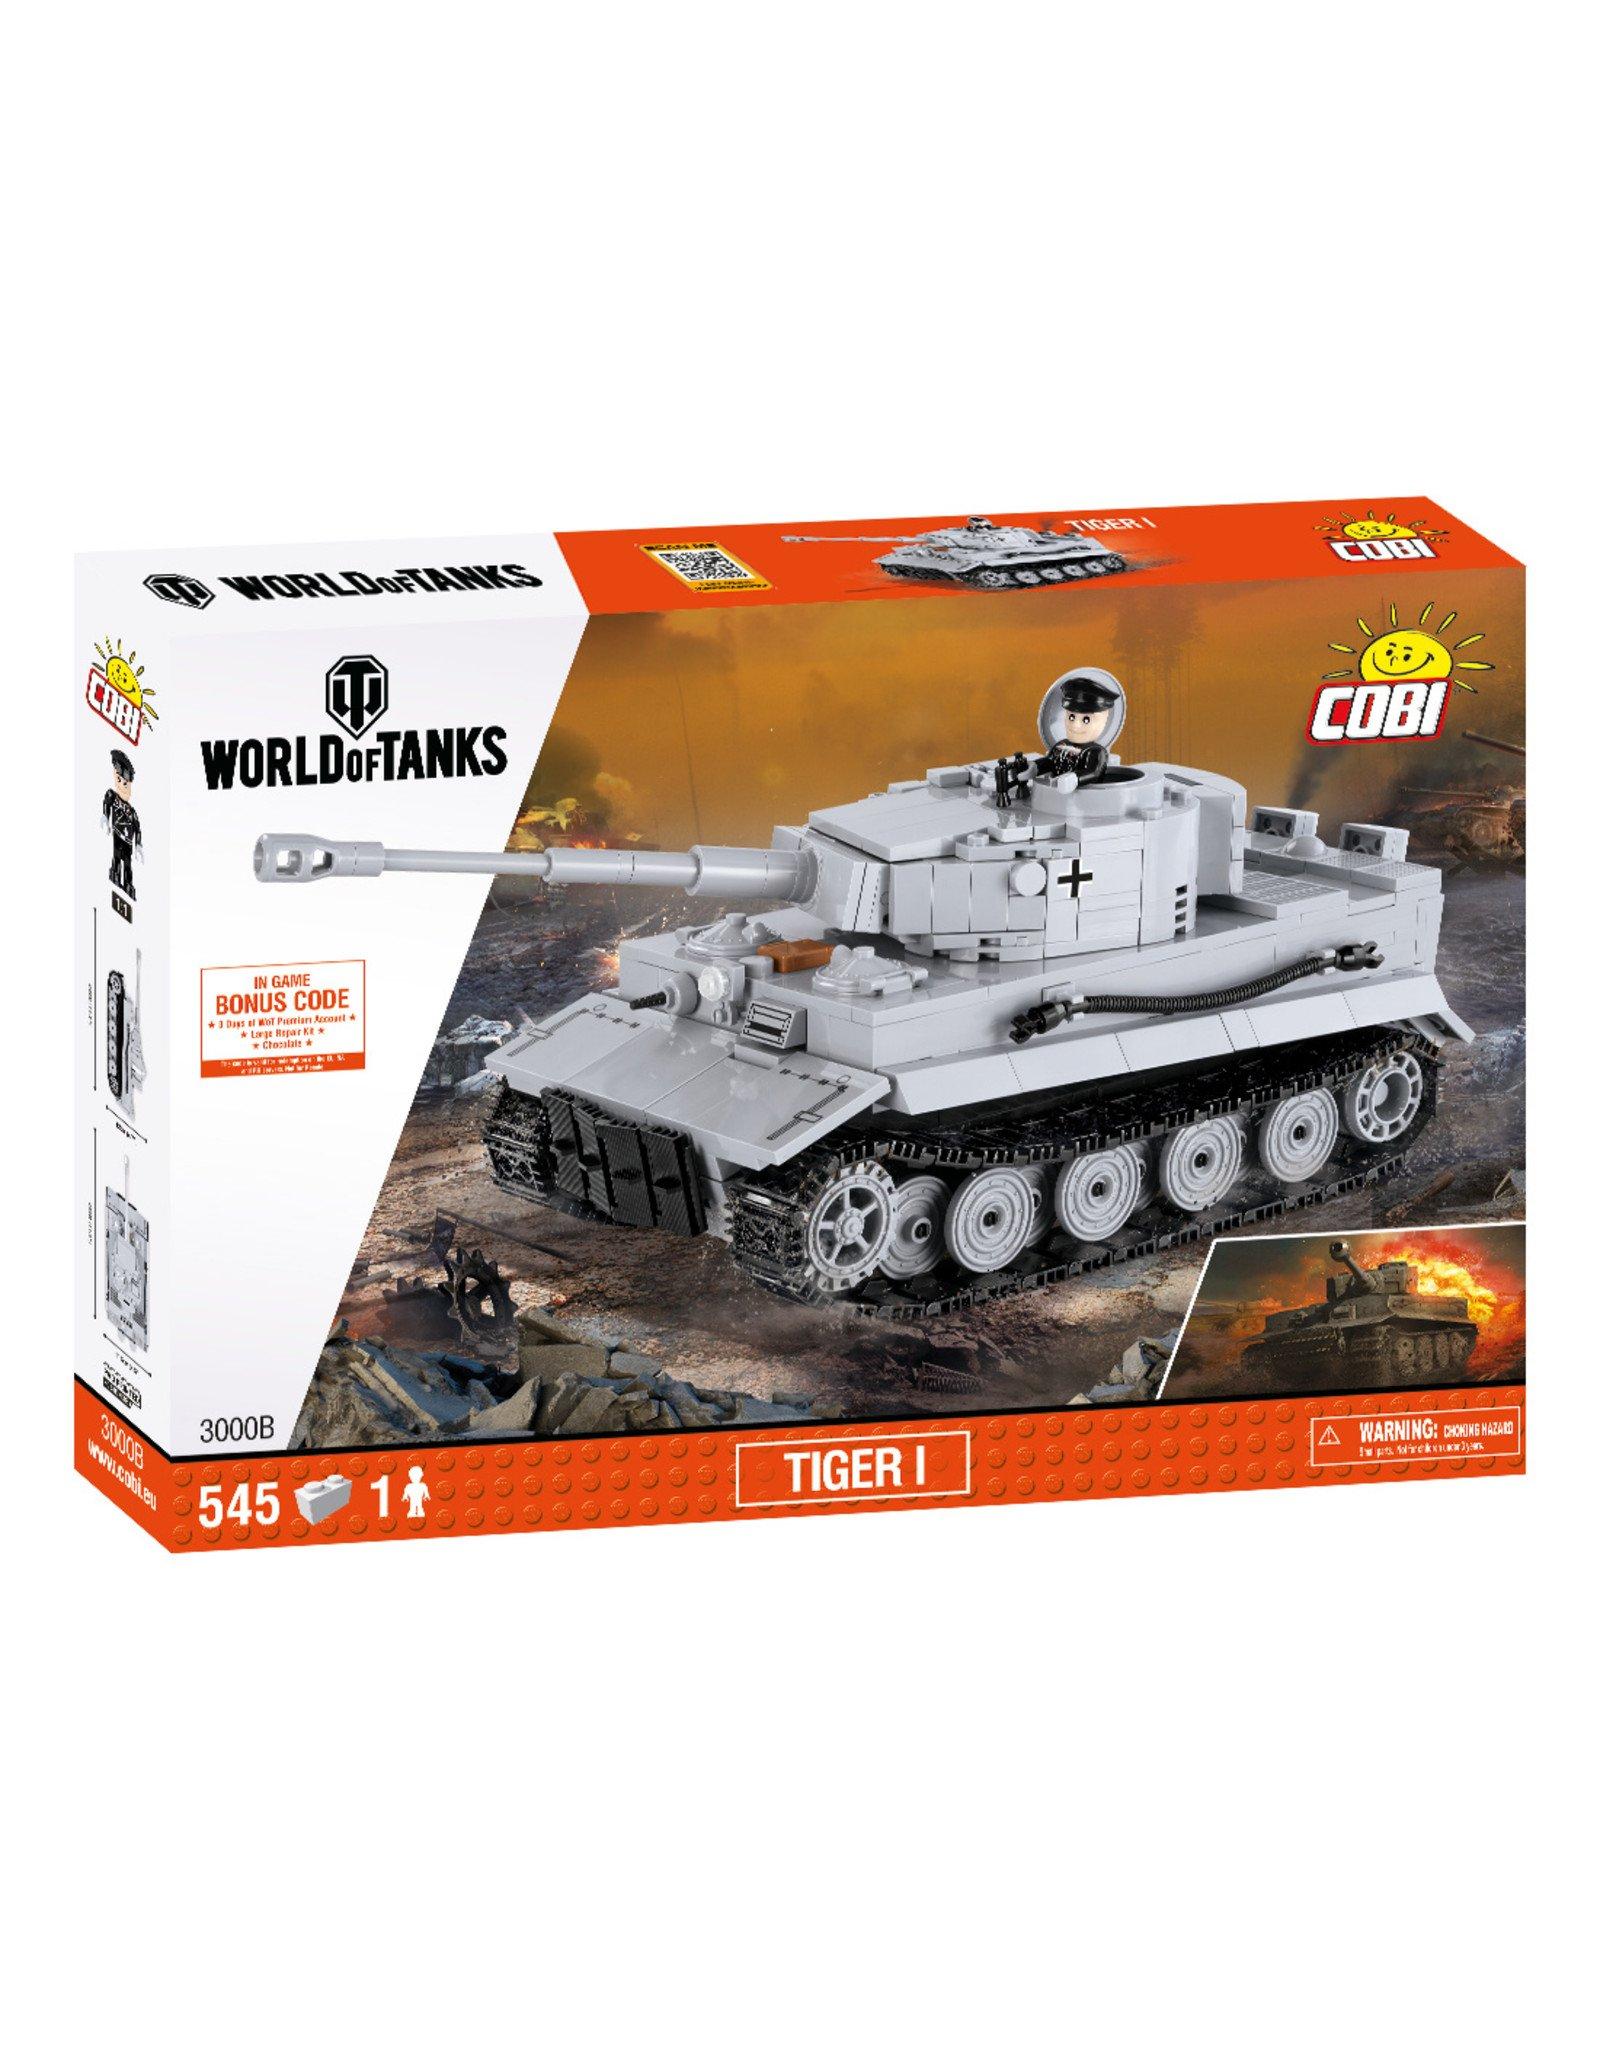 COBI COBI World of Tanks 3000B Tiger I